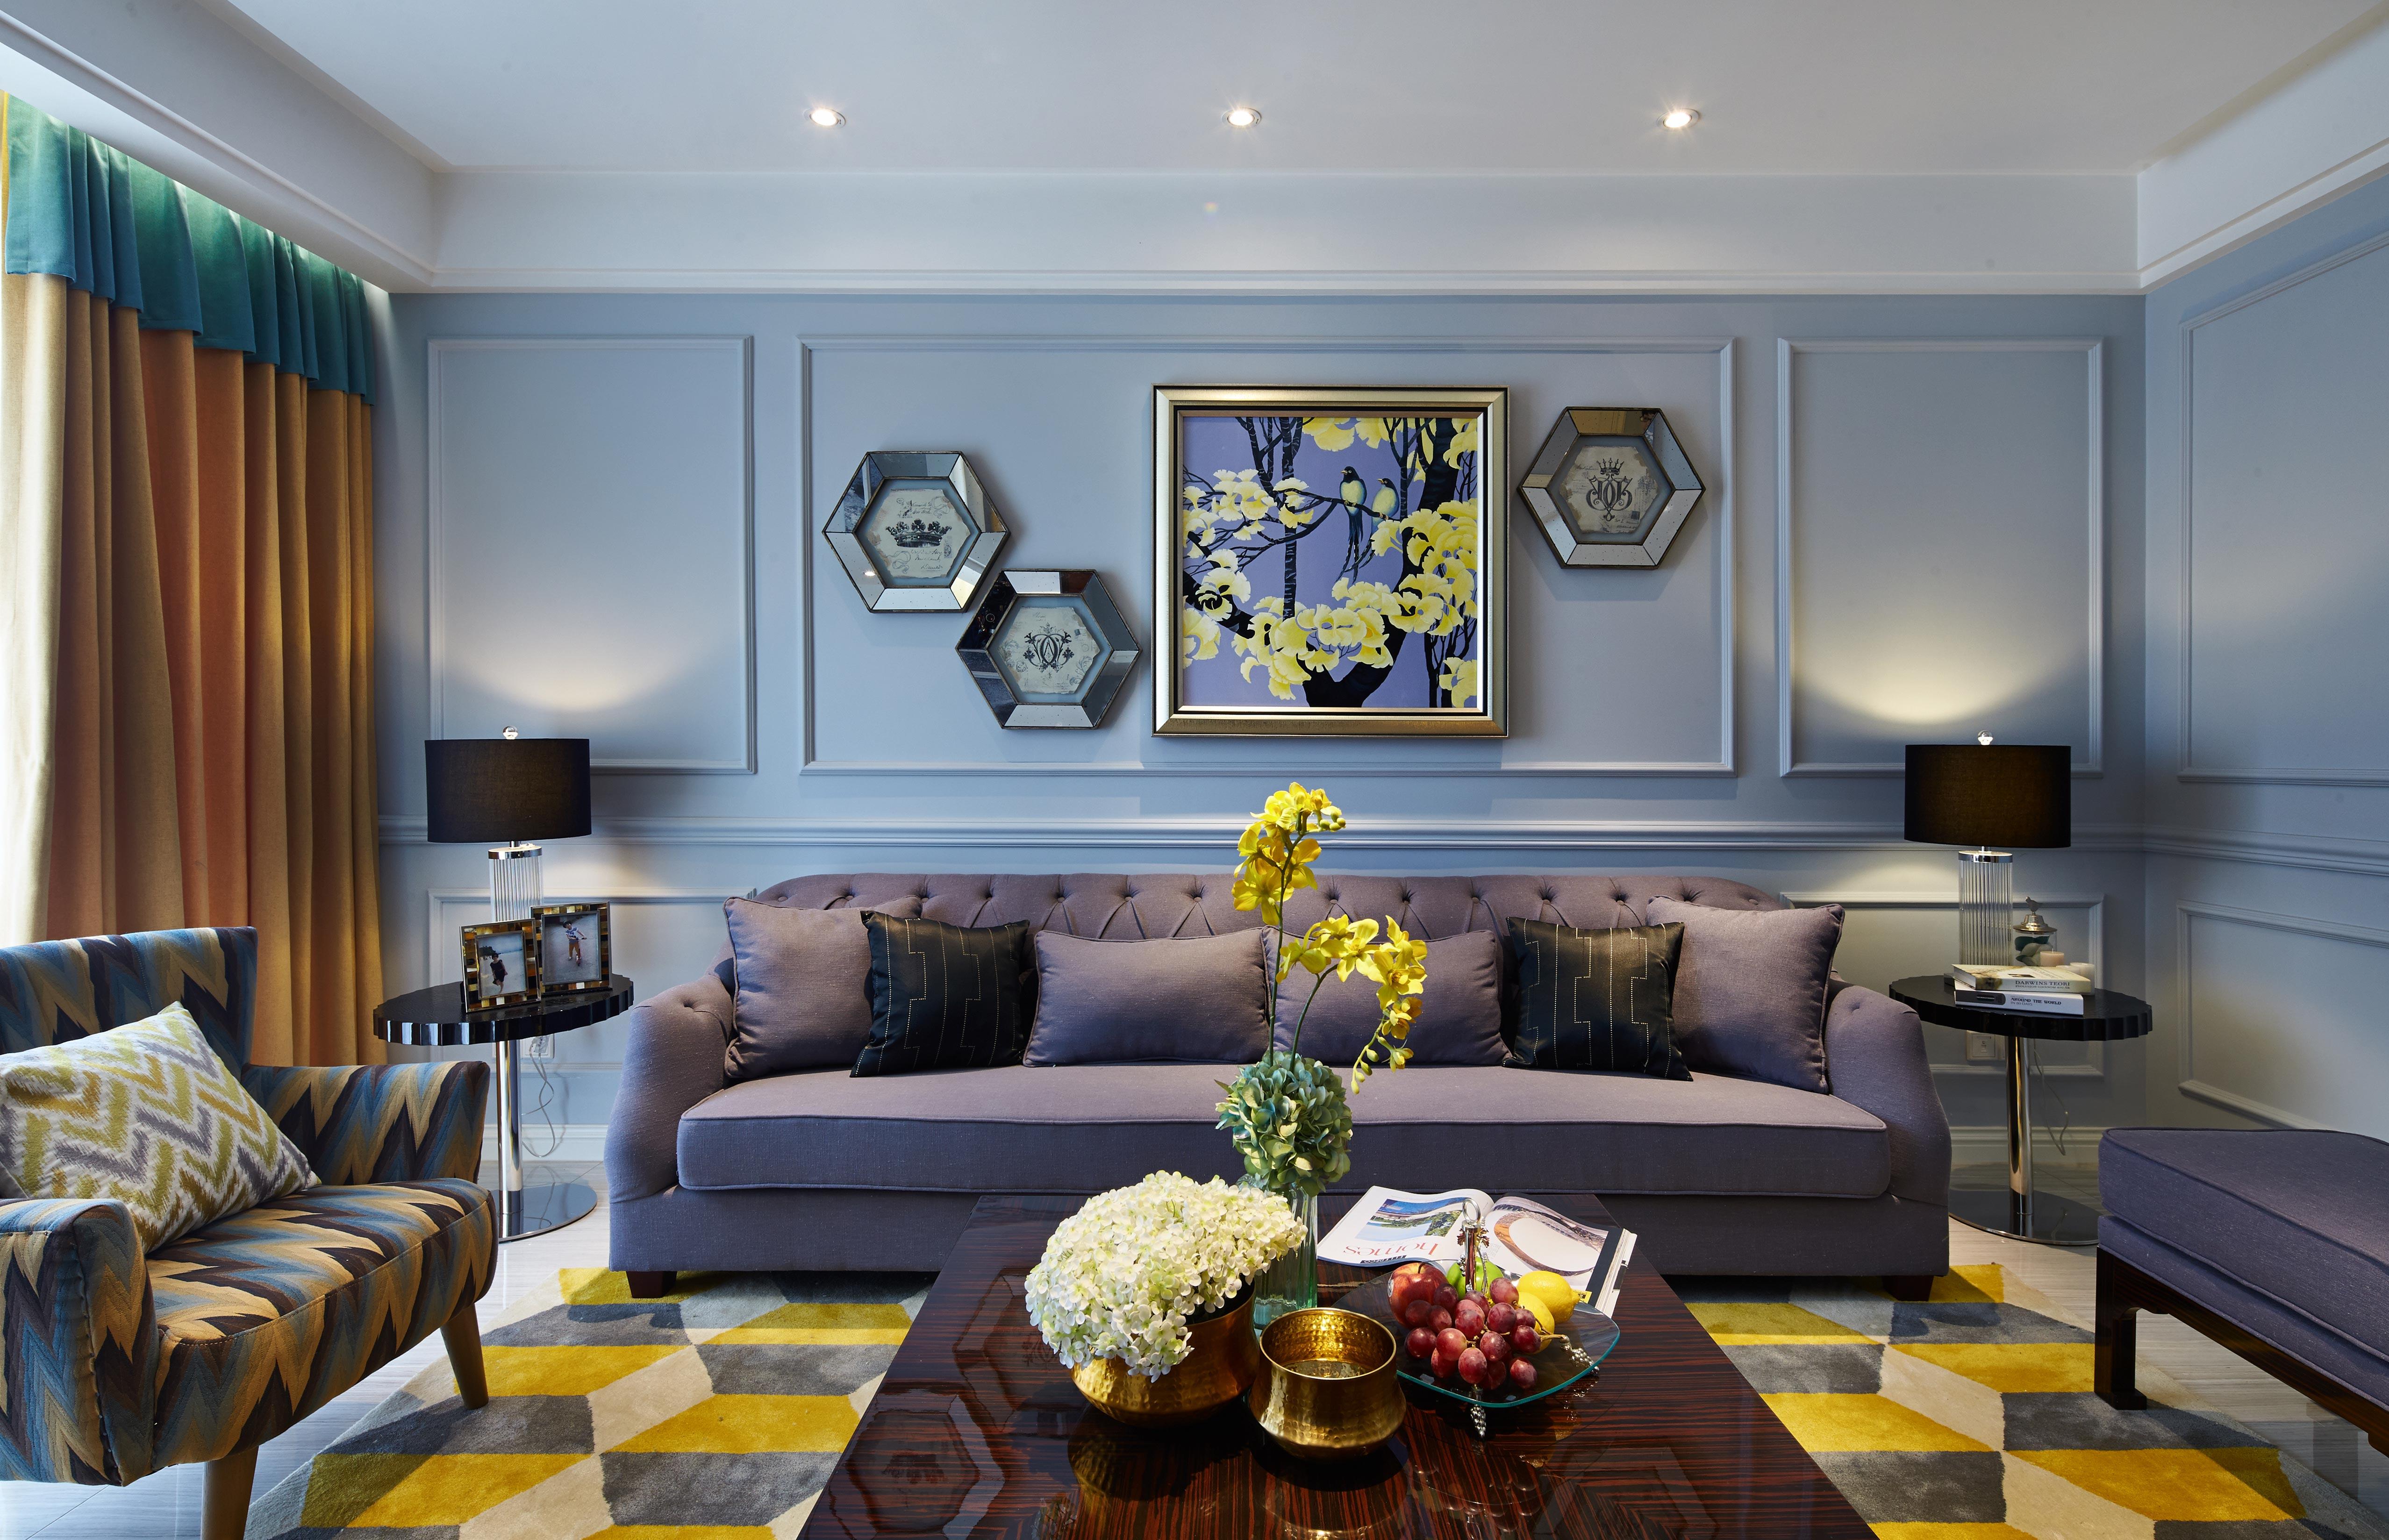 现代欧式的居室有的不只是豪华大气,更多的是惬意和浪漫。通过完美的曲线,精益求精的细节处理,带给家人不尽触感,实际上和谐是欧式风格的最高境界。